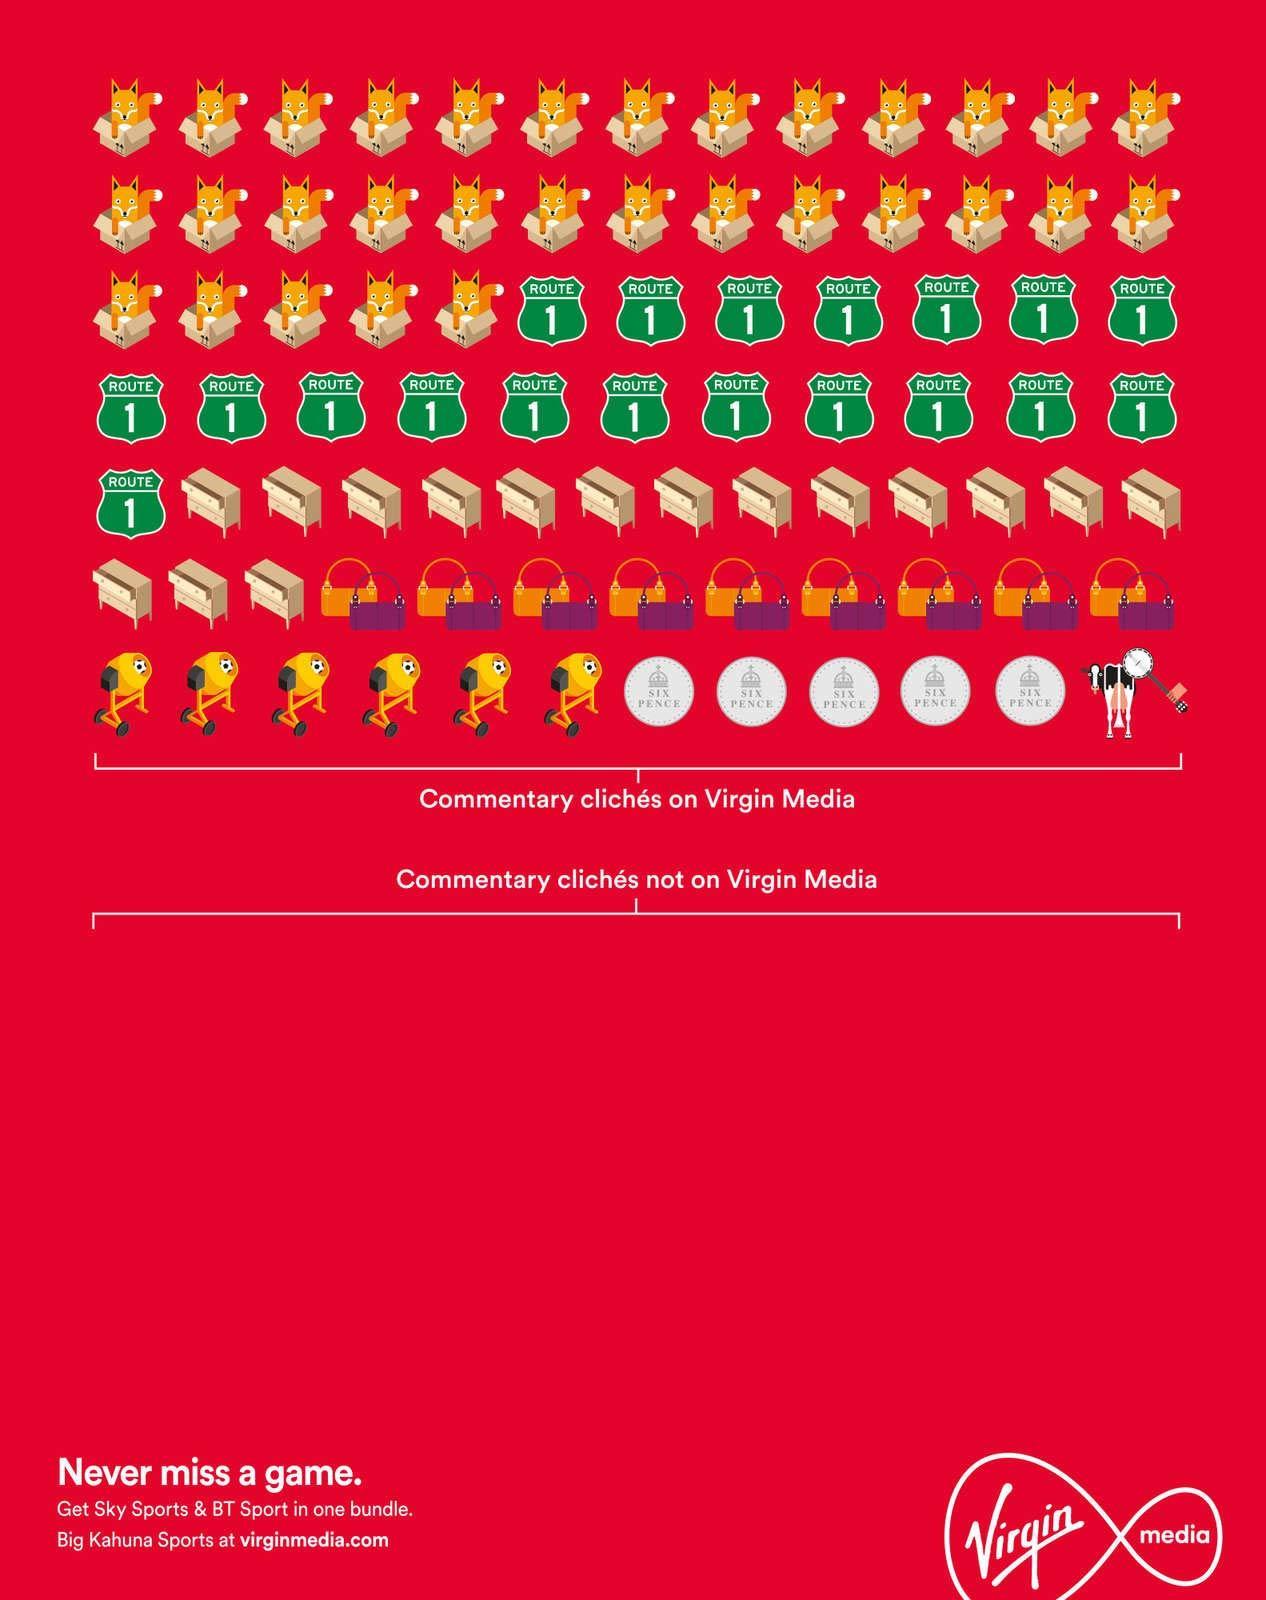 Mit nicht ganz ernst gemeinten Infografiken von Pâté a.k.a Paul Pateman wirbt Virgin Media für sein Sportangebot